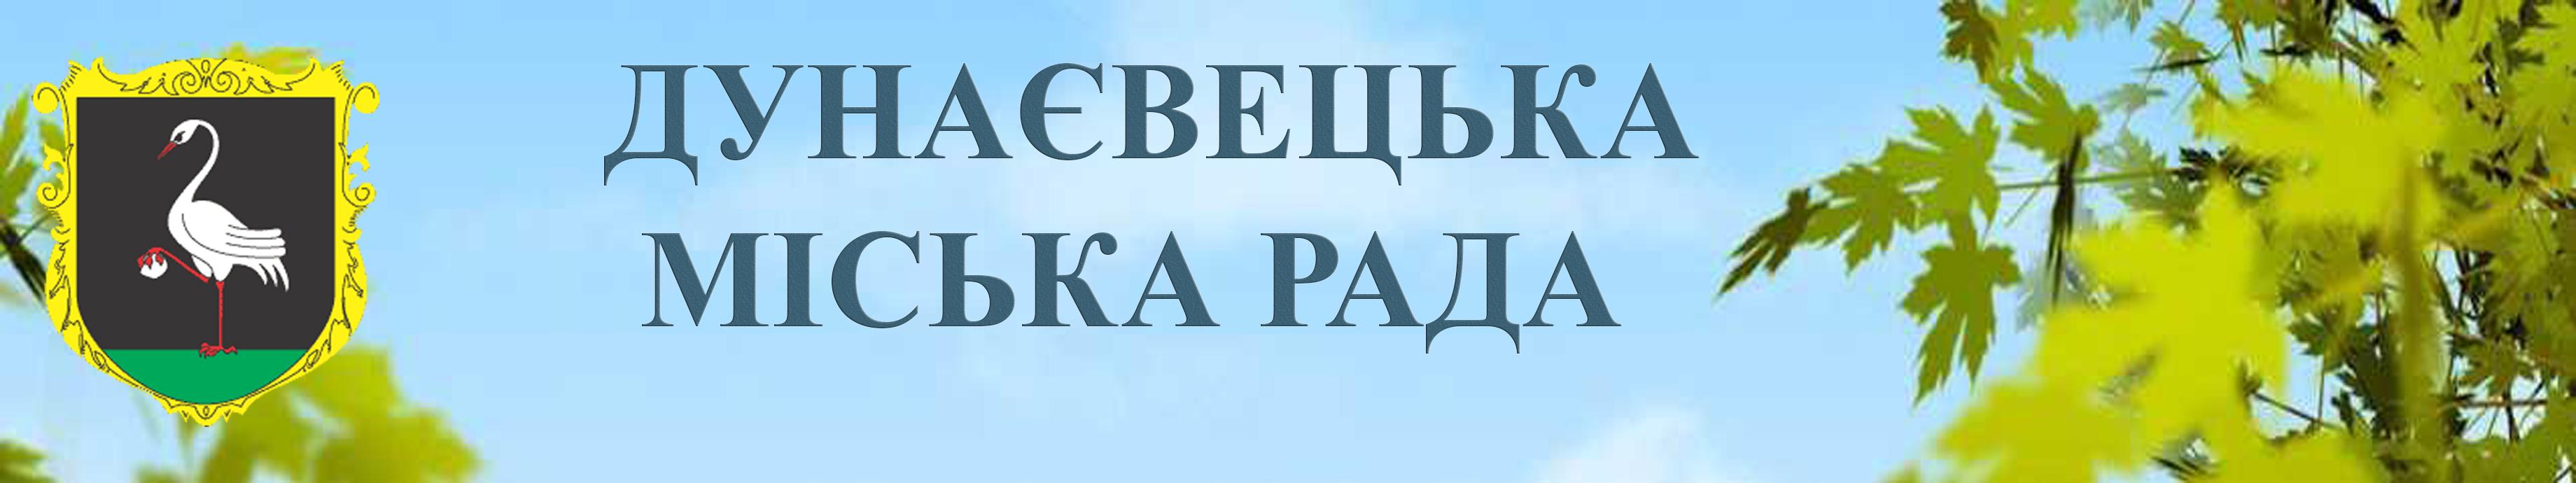 Дунаєвецька міська об'єднана територіальна громада